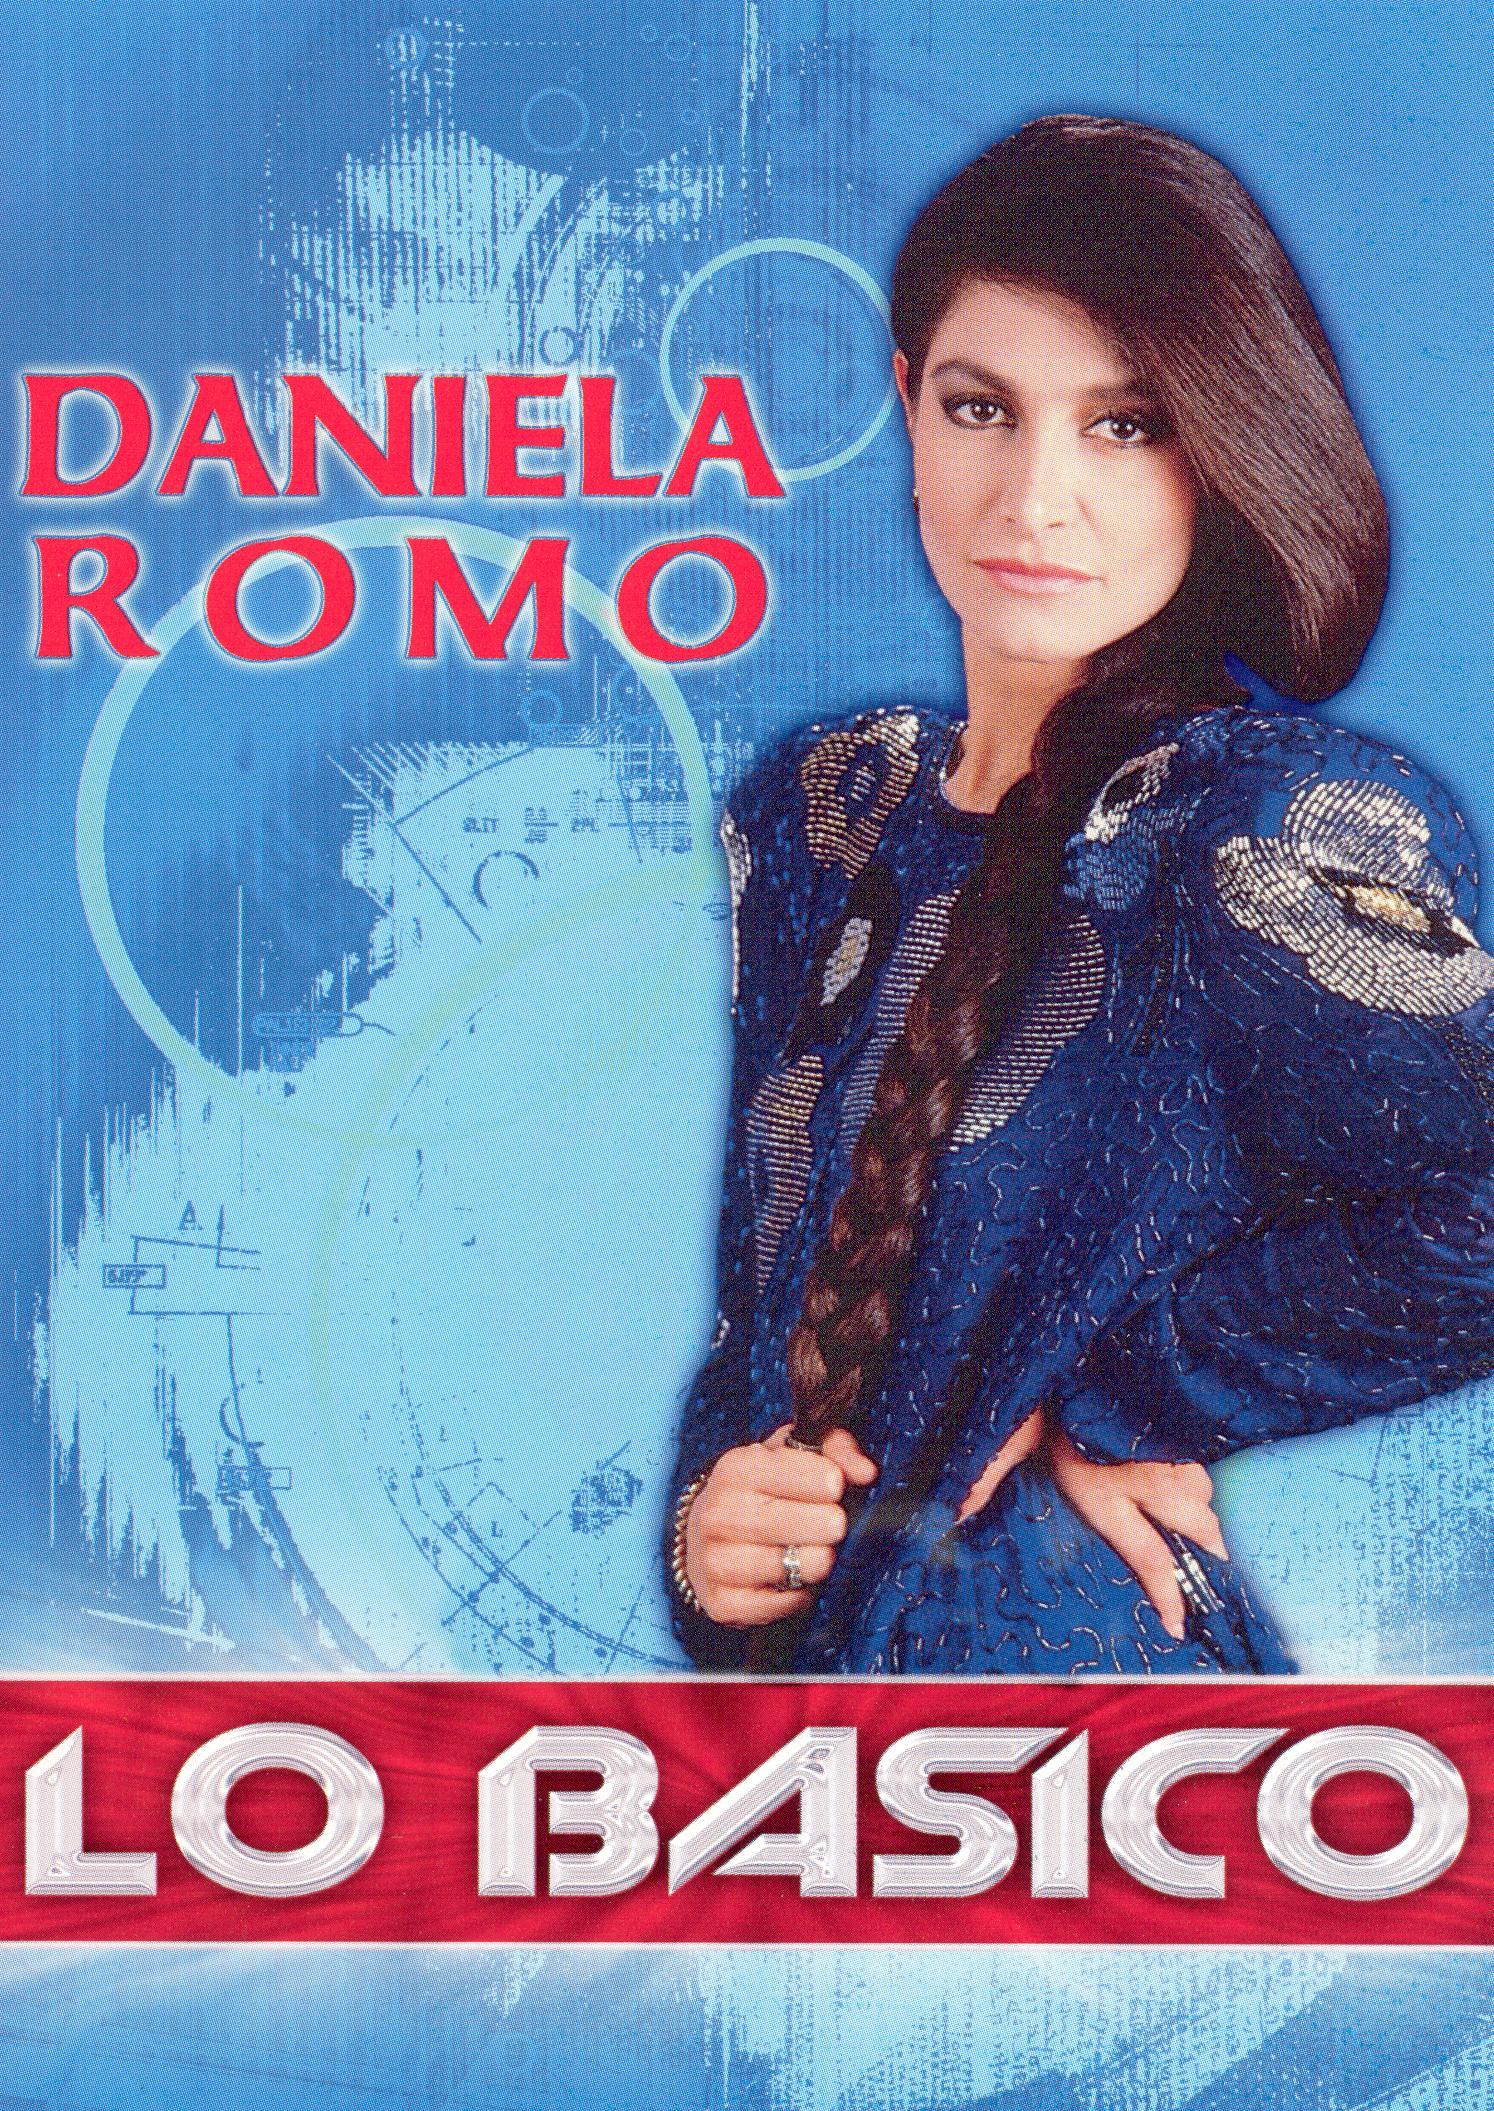 Daniela Romo: Lo Basico